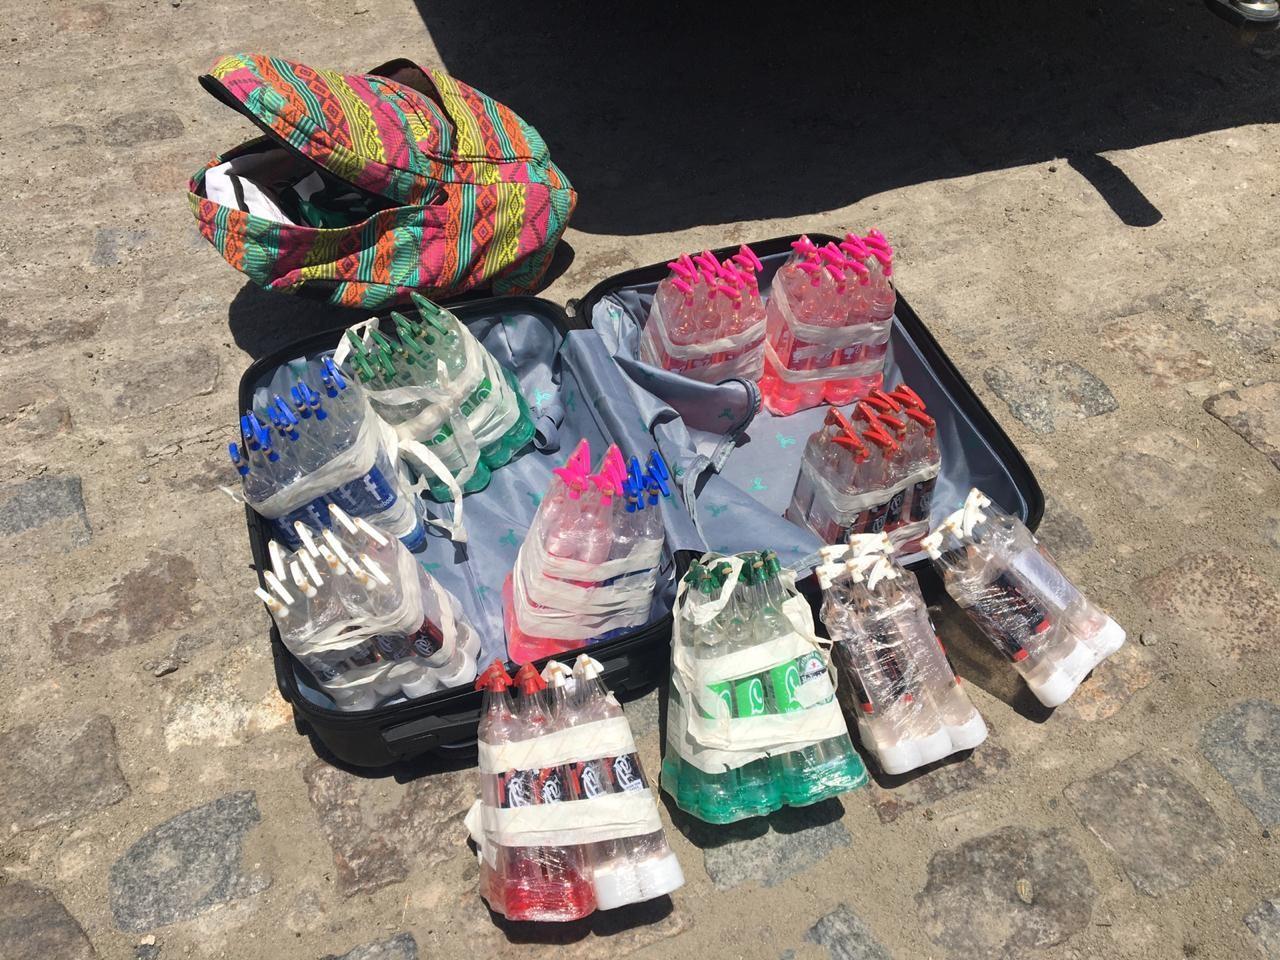 Jovem é preso em ônibus com 120 frascos de lança-perfume em Rio Largo, AL - Notícias - Plantão Diário